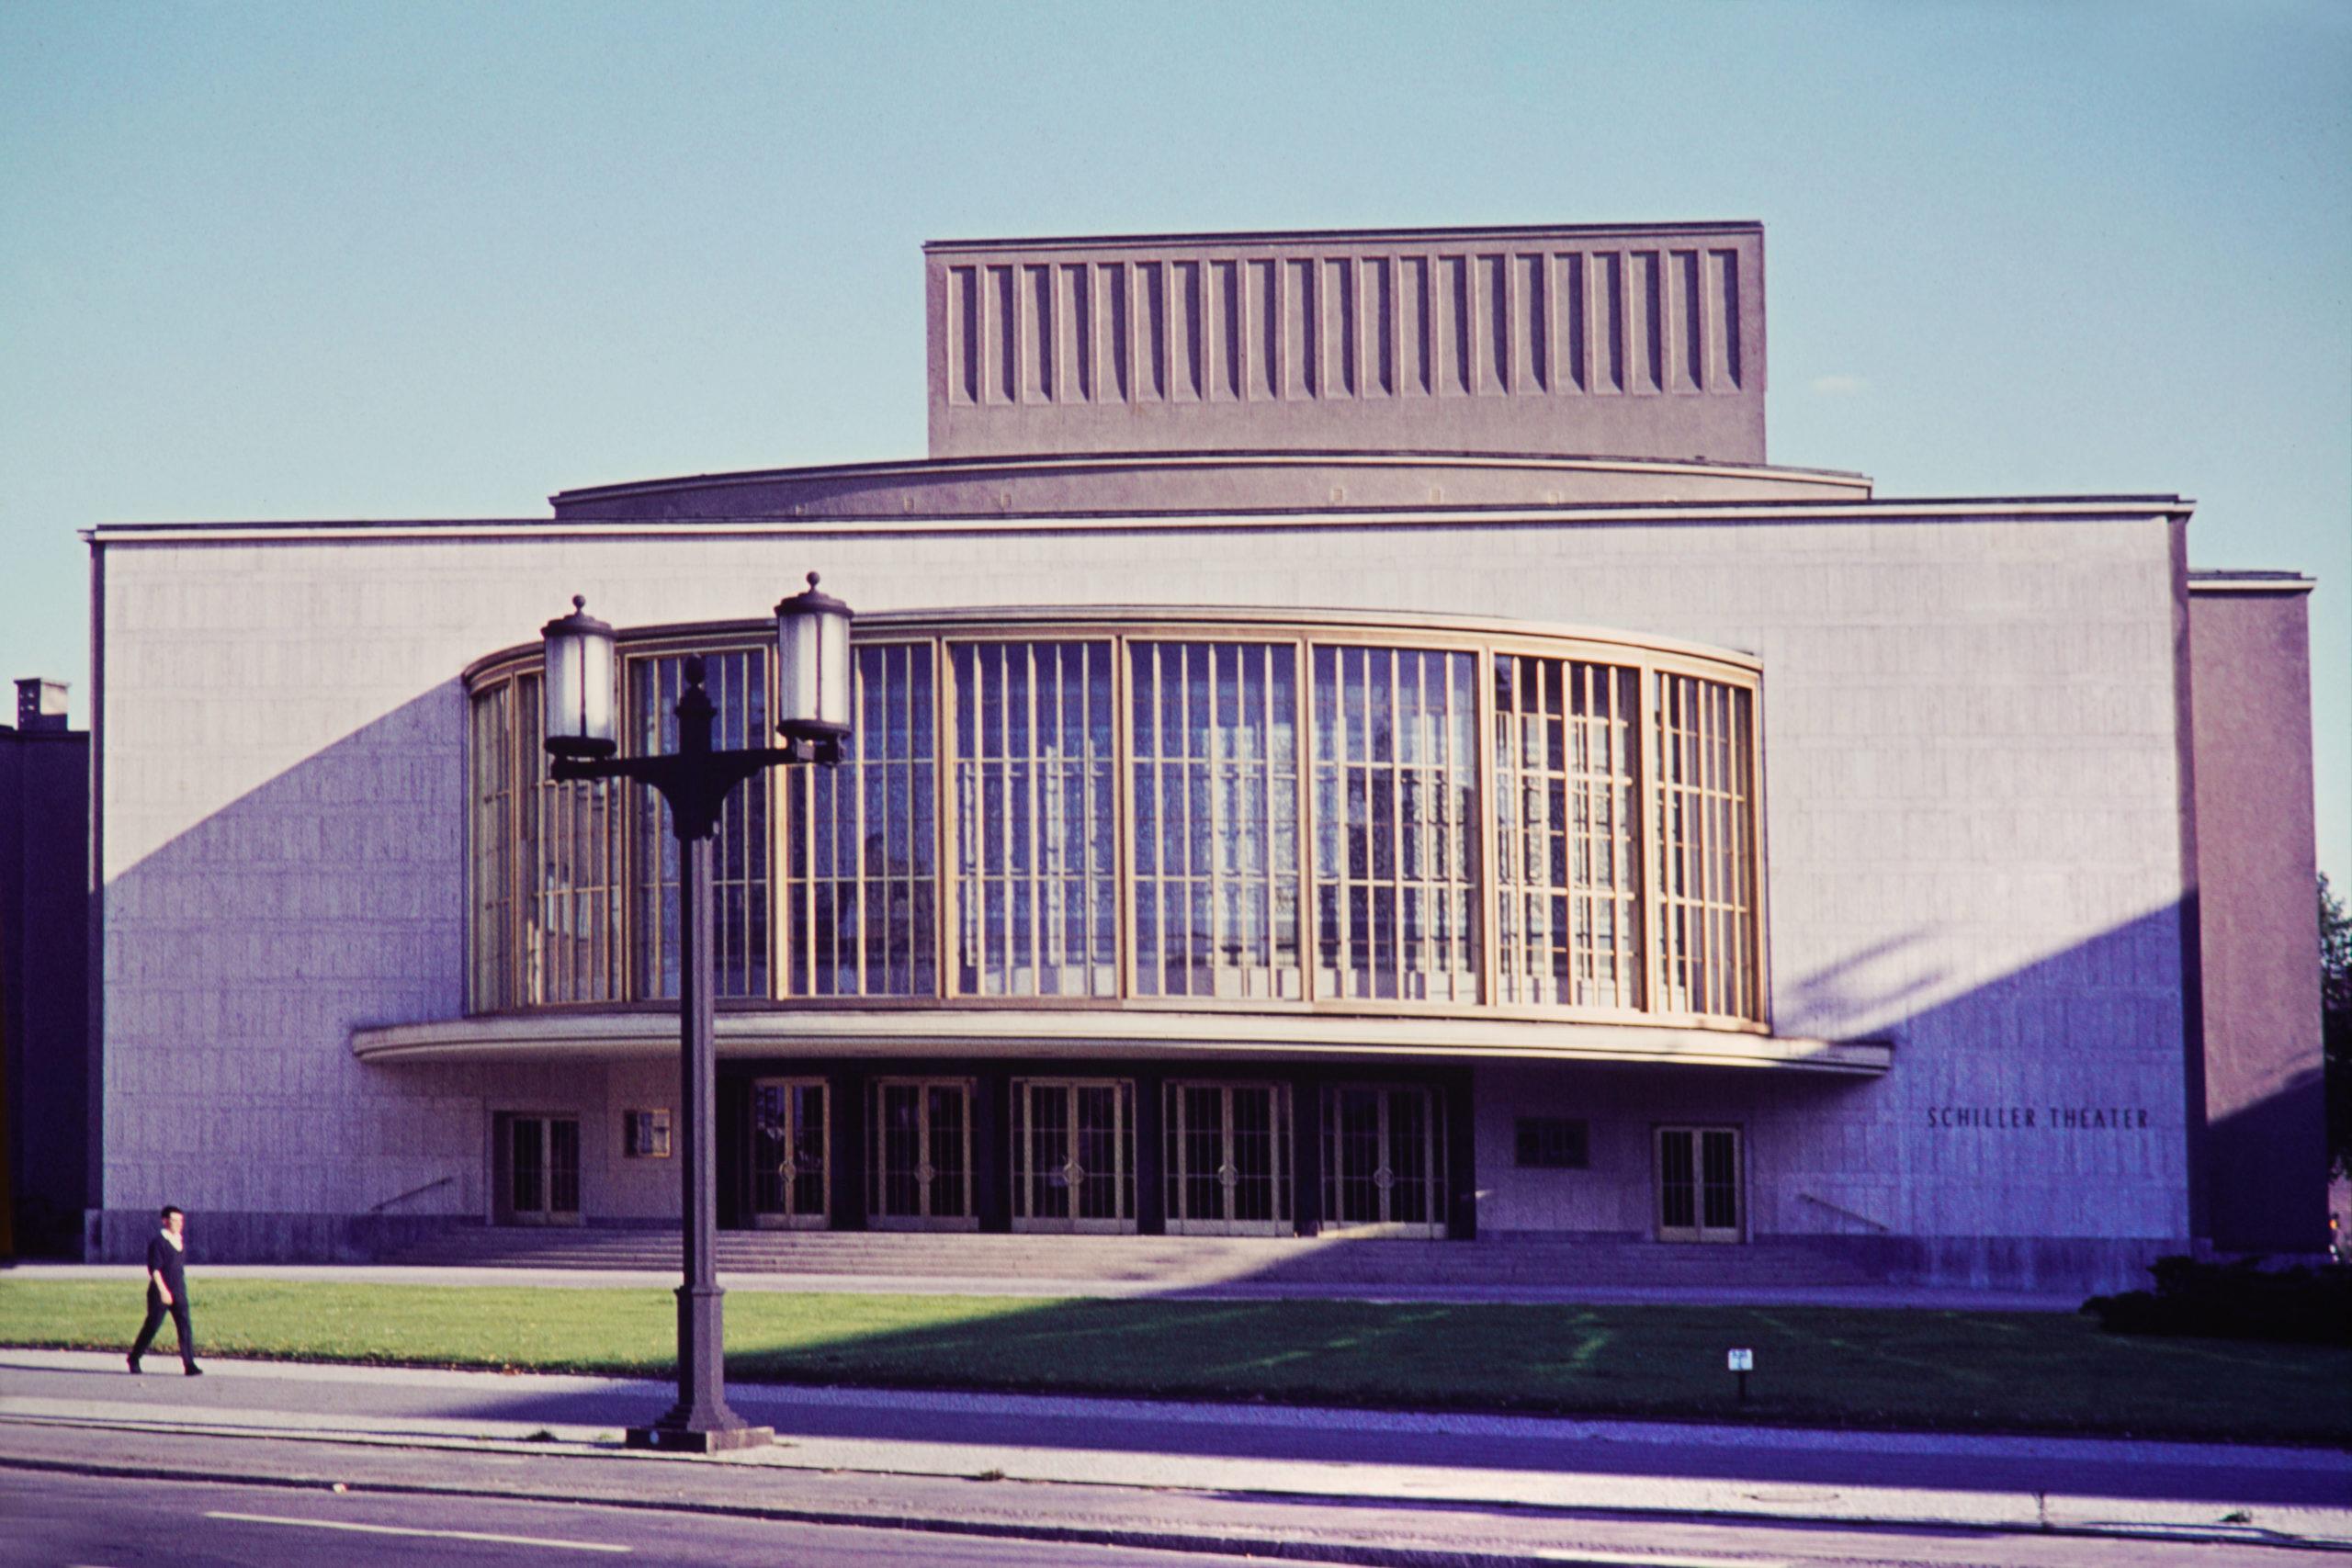 Historische Theater in Berlin: Schillertheater in Charlottenburg, um 1960. Foto: Imago/Serienlicht